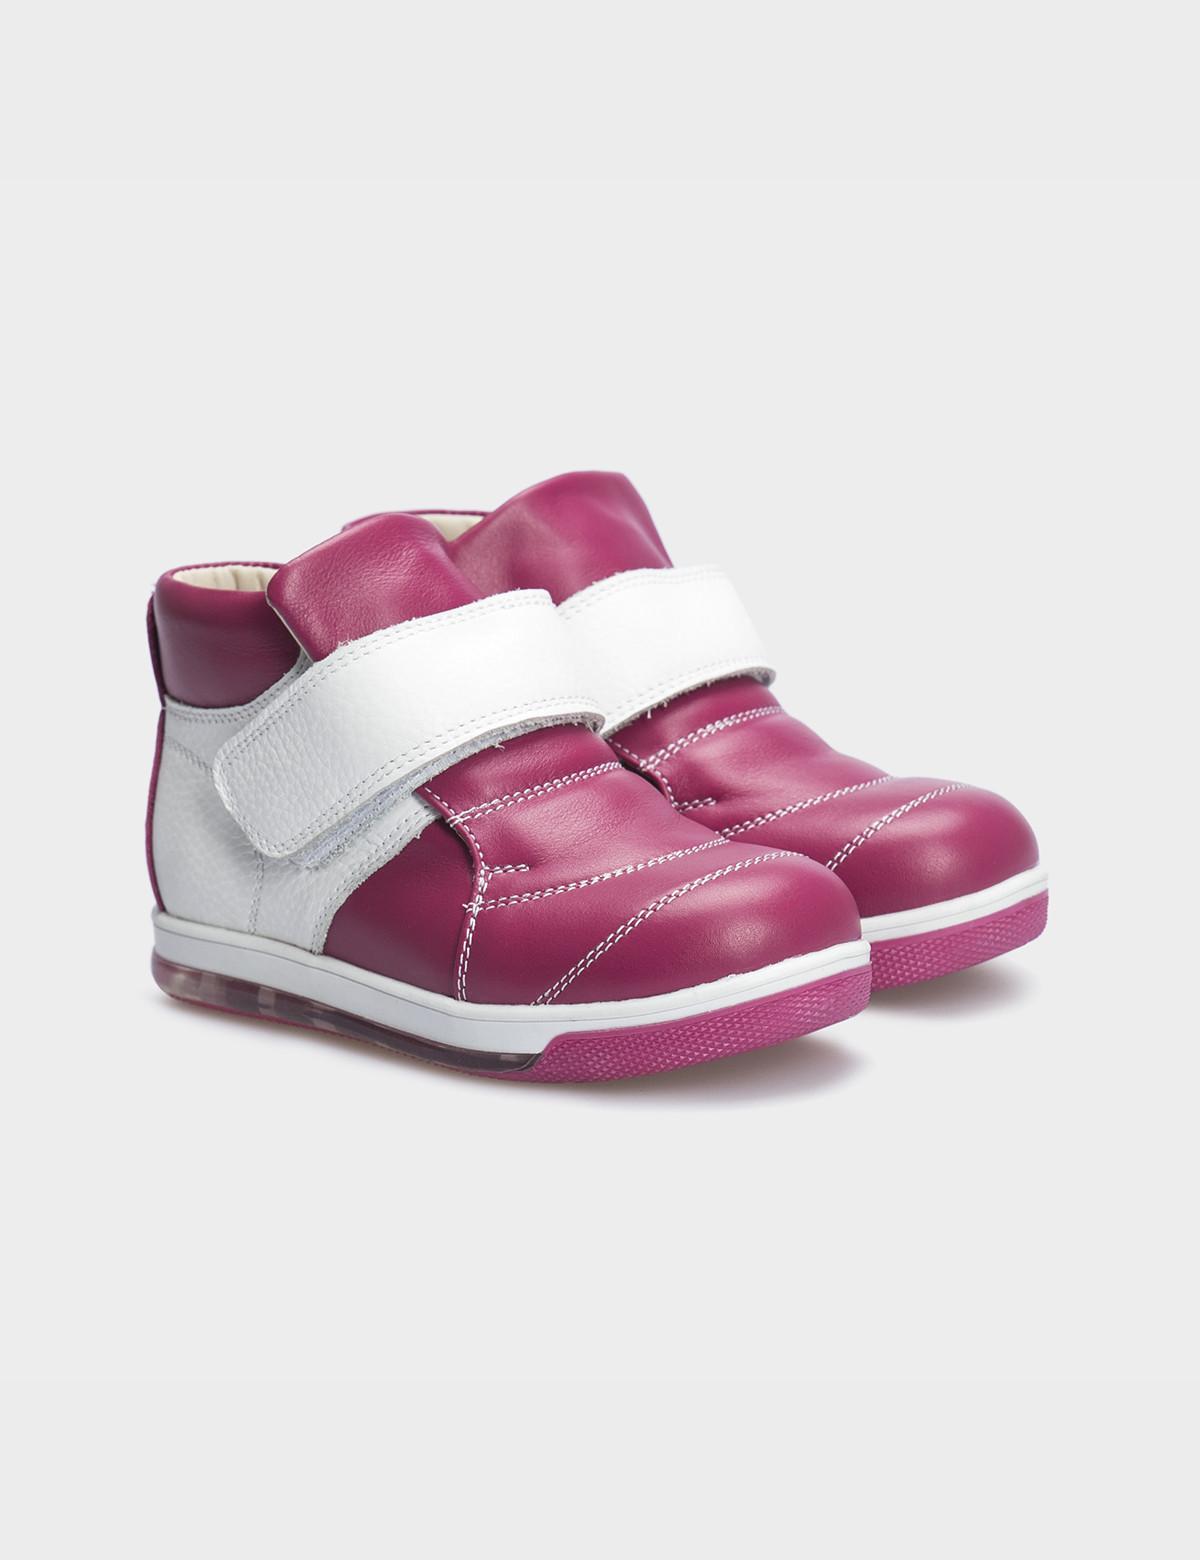 Ботинки розовые. Натуральная кожа